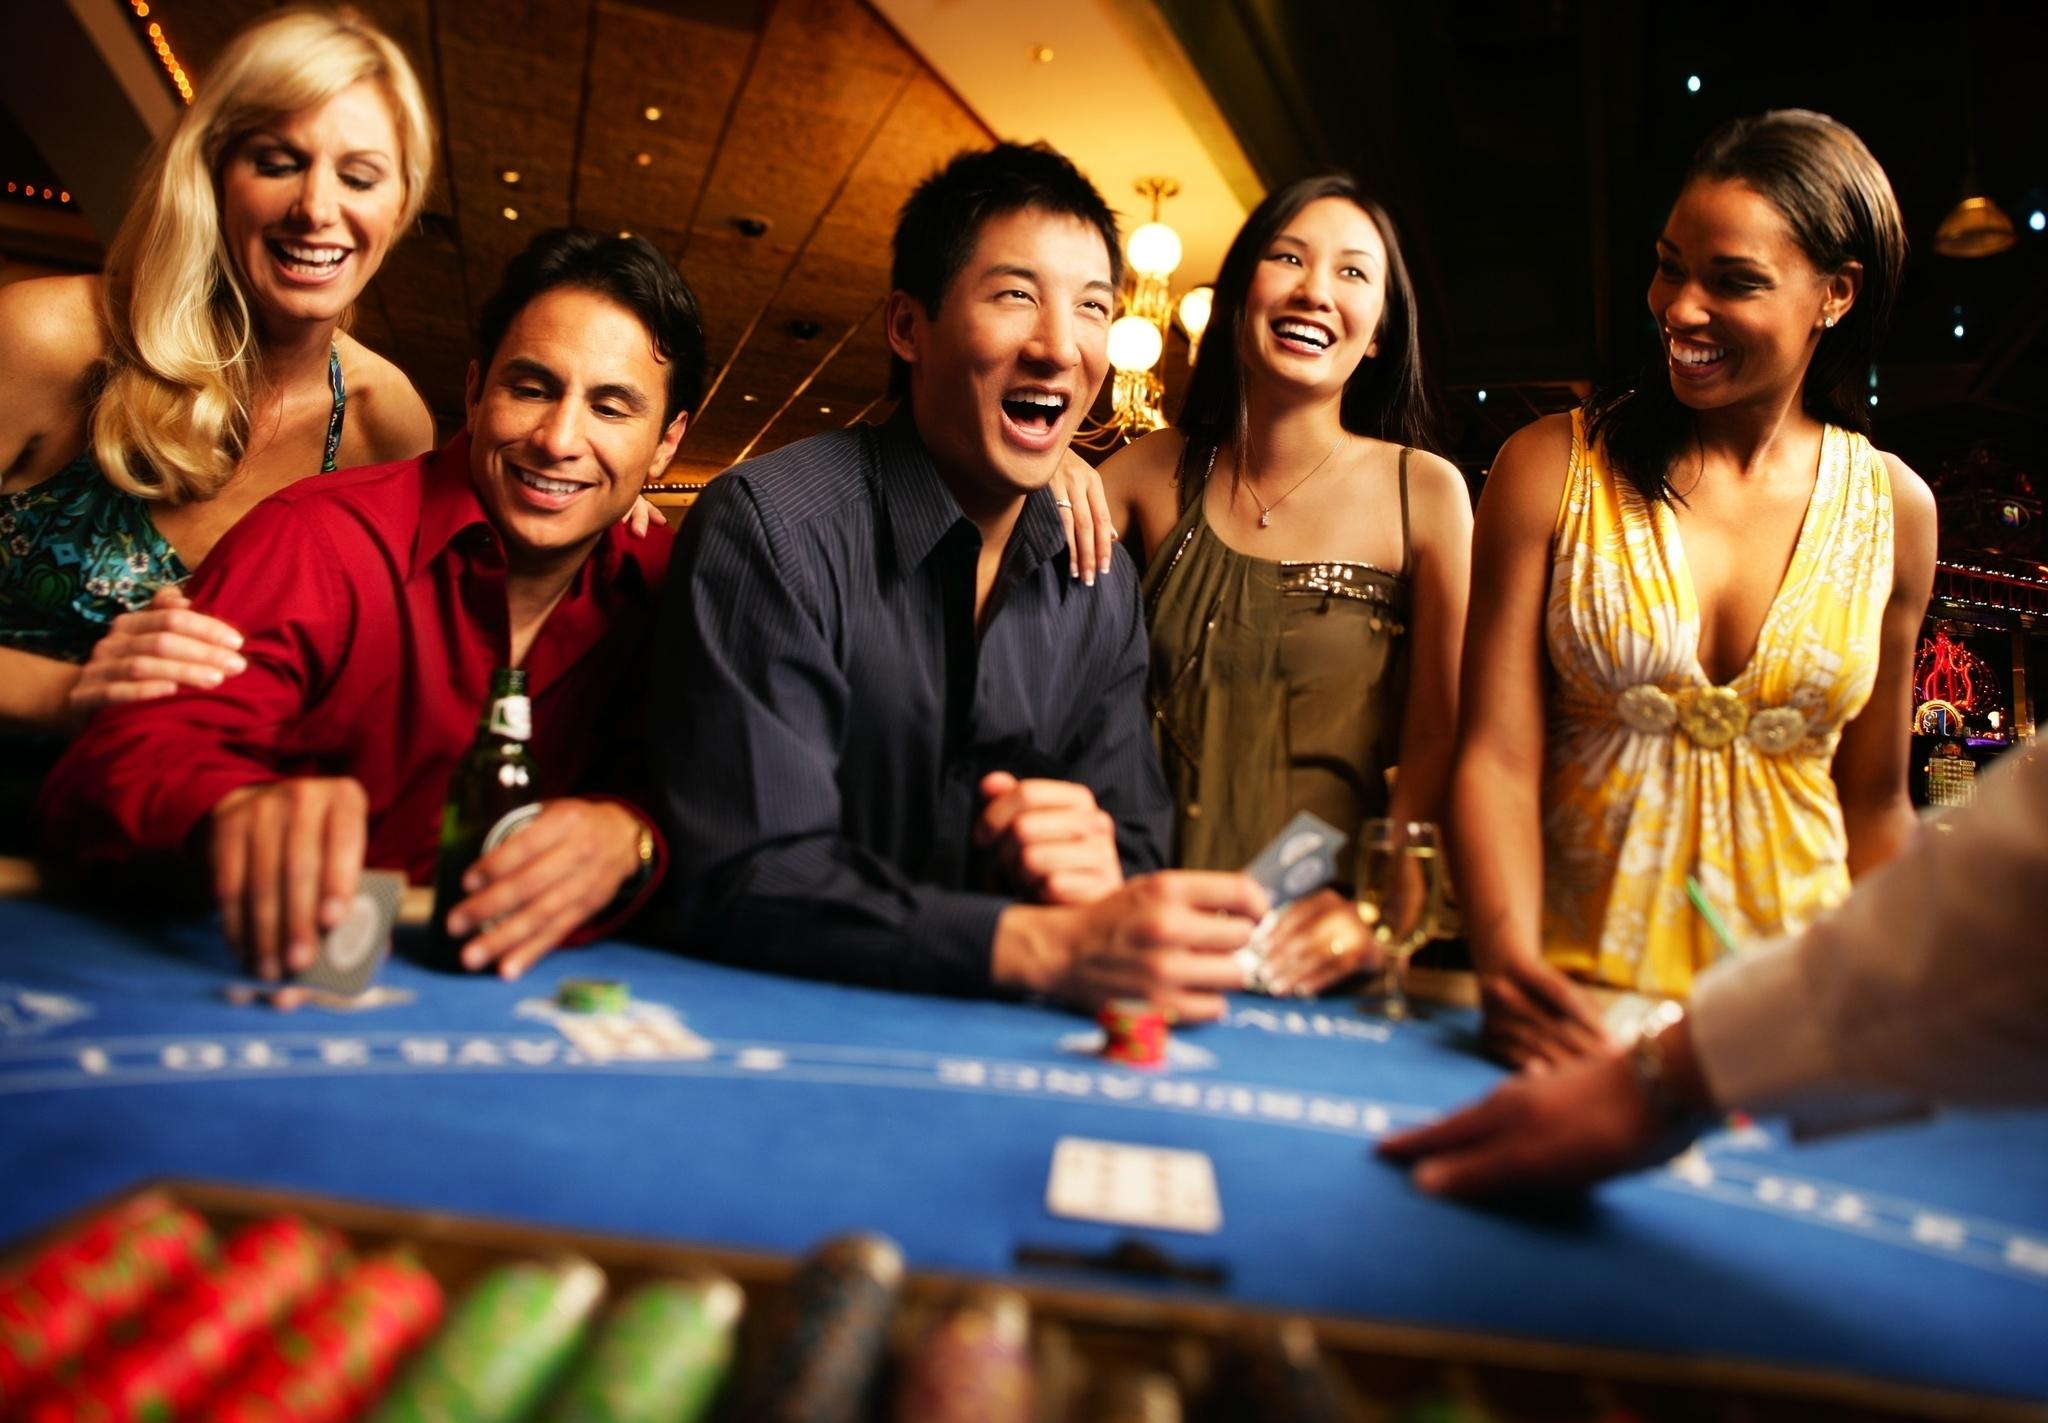 Жетоны казино и игровых автоматов расположенных на круизных кораблях онлайн русские игровые автоматы